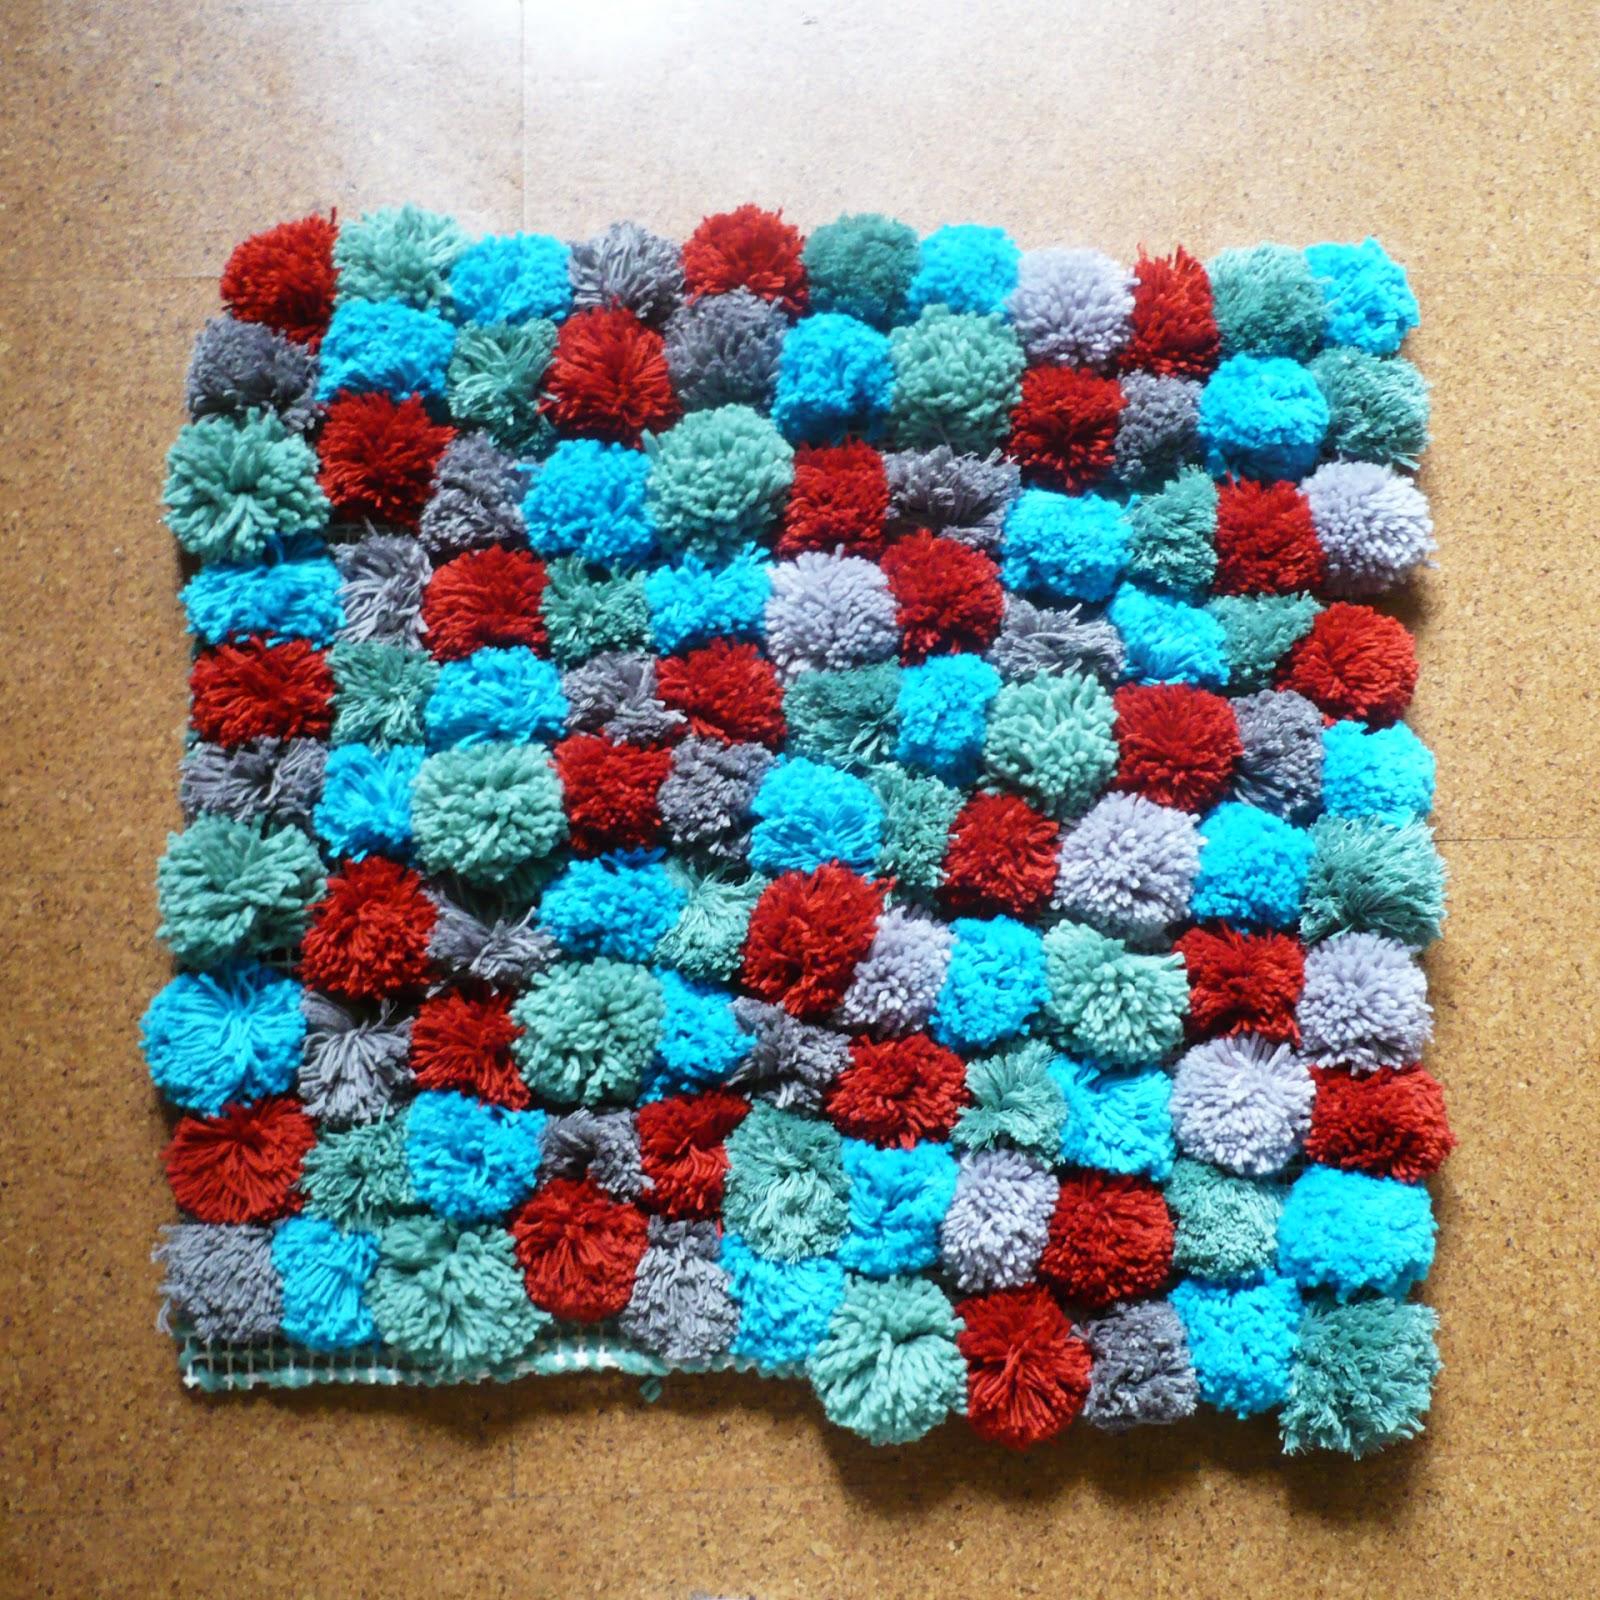 Madness alfombra pompones pompoms carpet - Alfombra de pompones ...